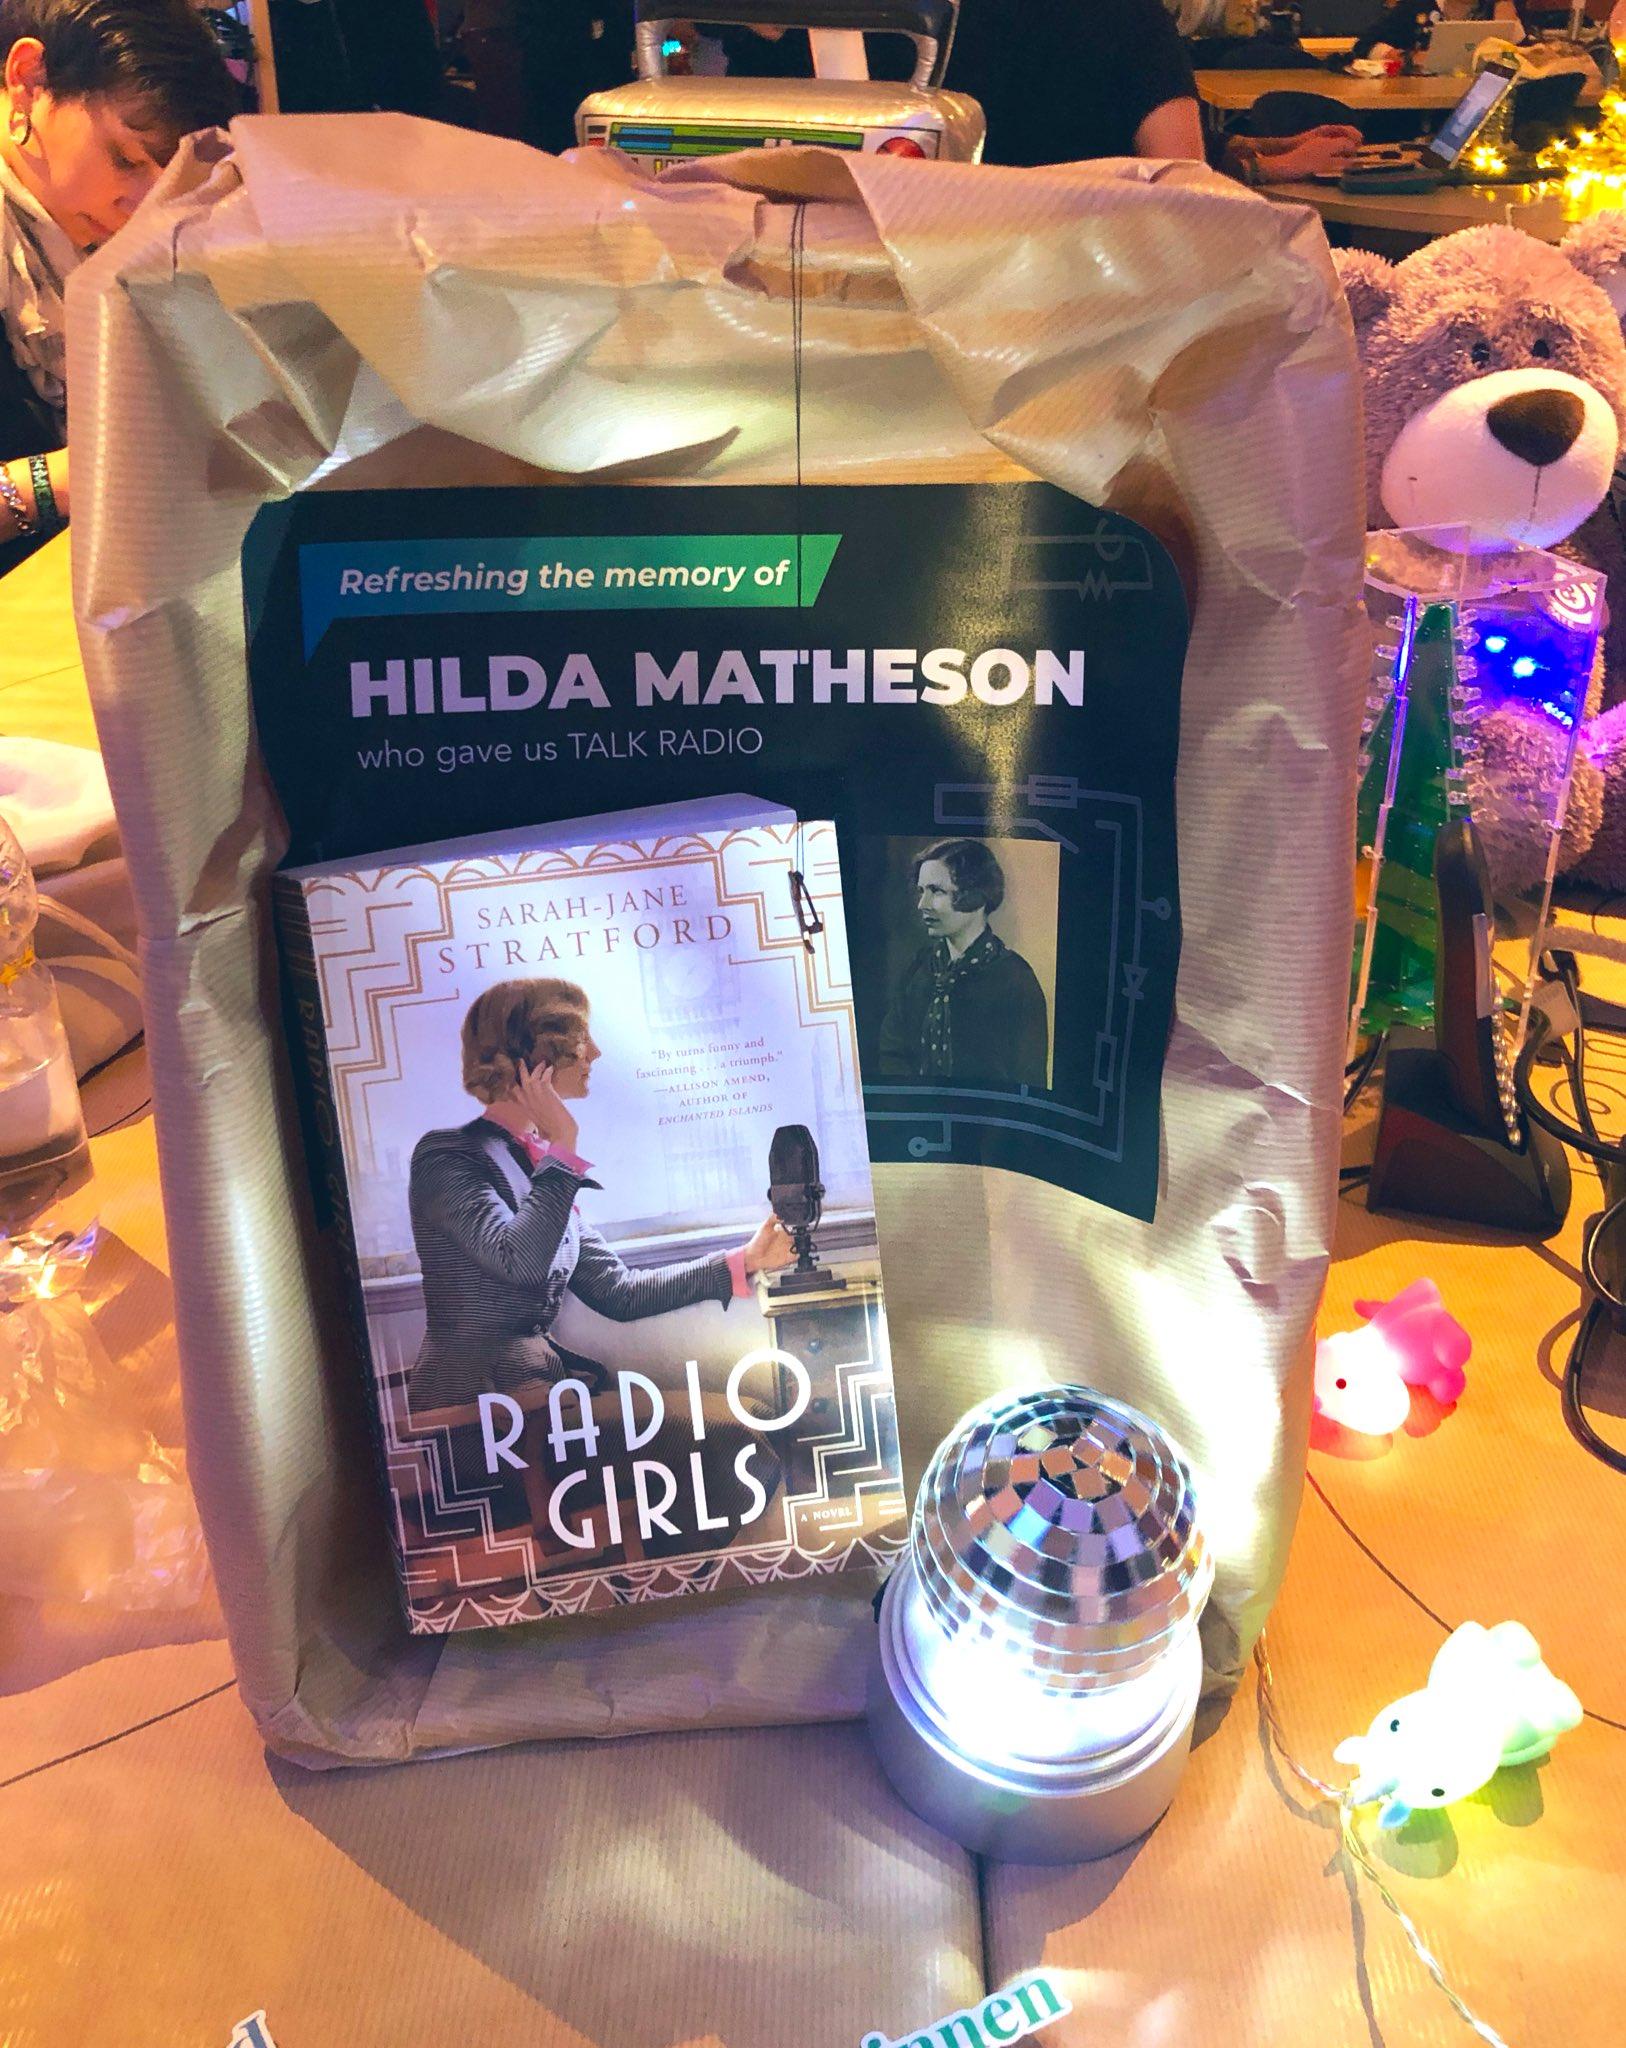 Der Haecksen-Schrein für Hilda Matheson im Sendezentrum auf dem 35c3